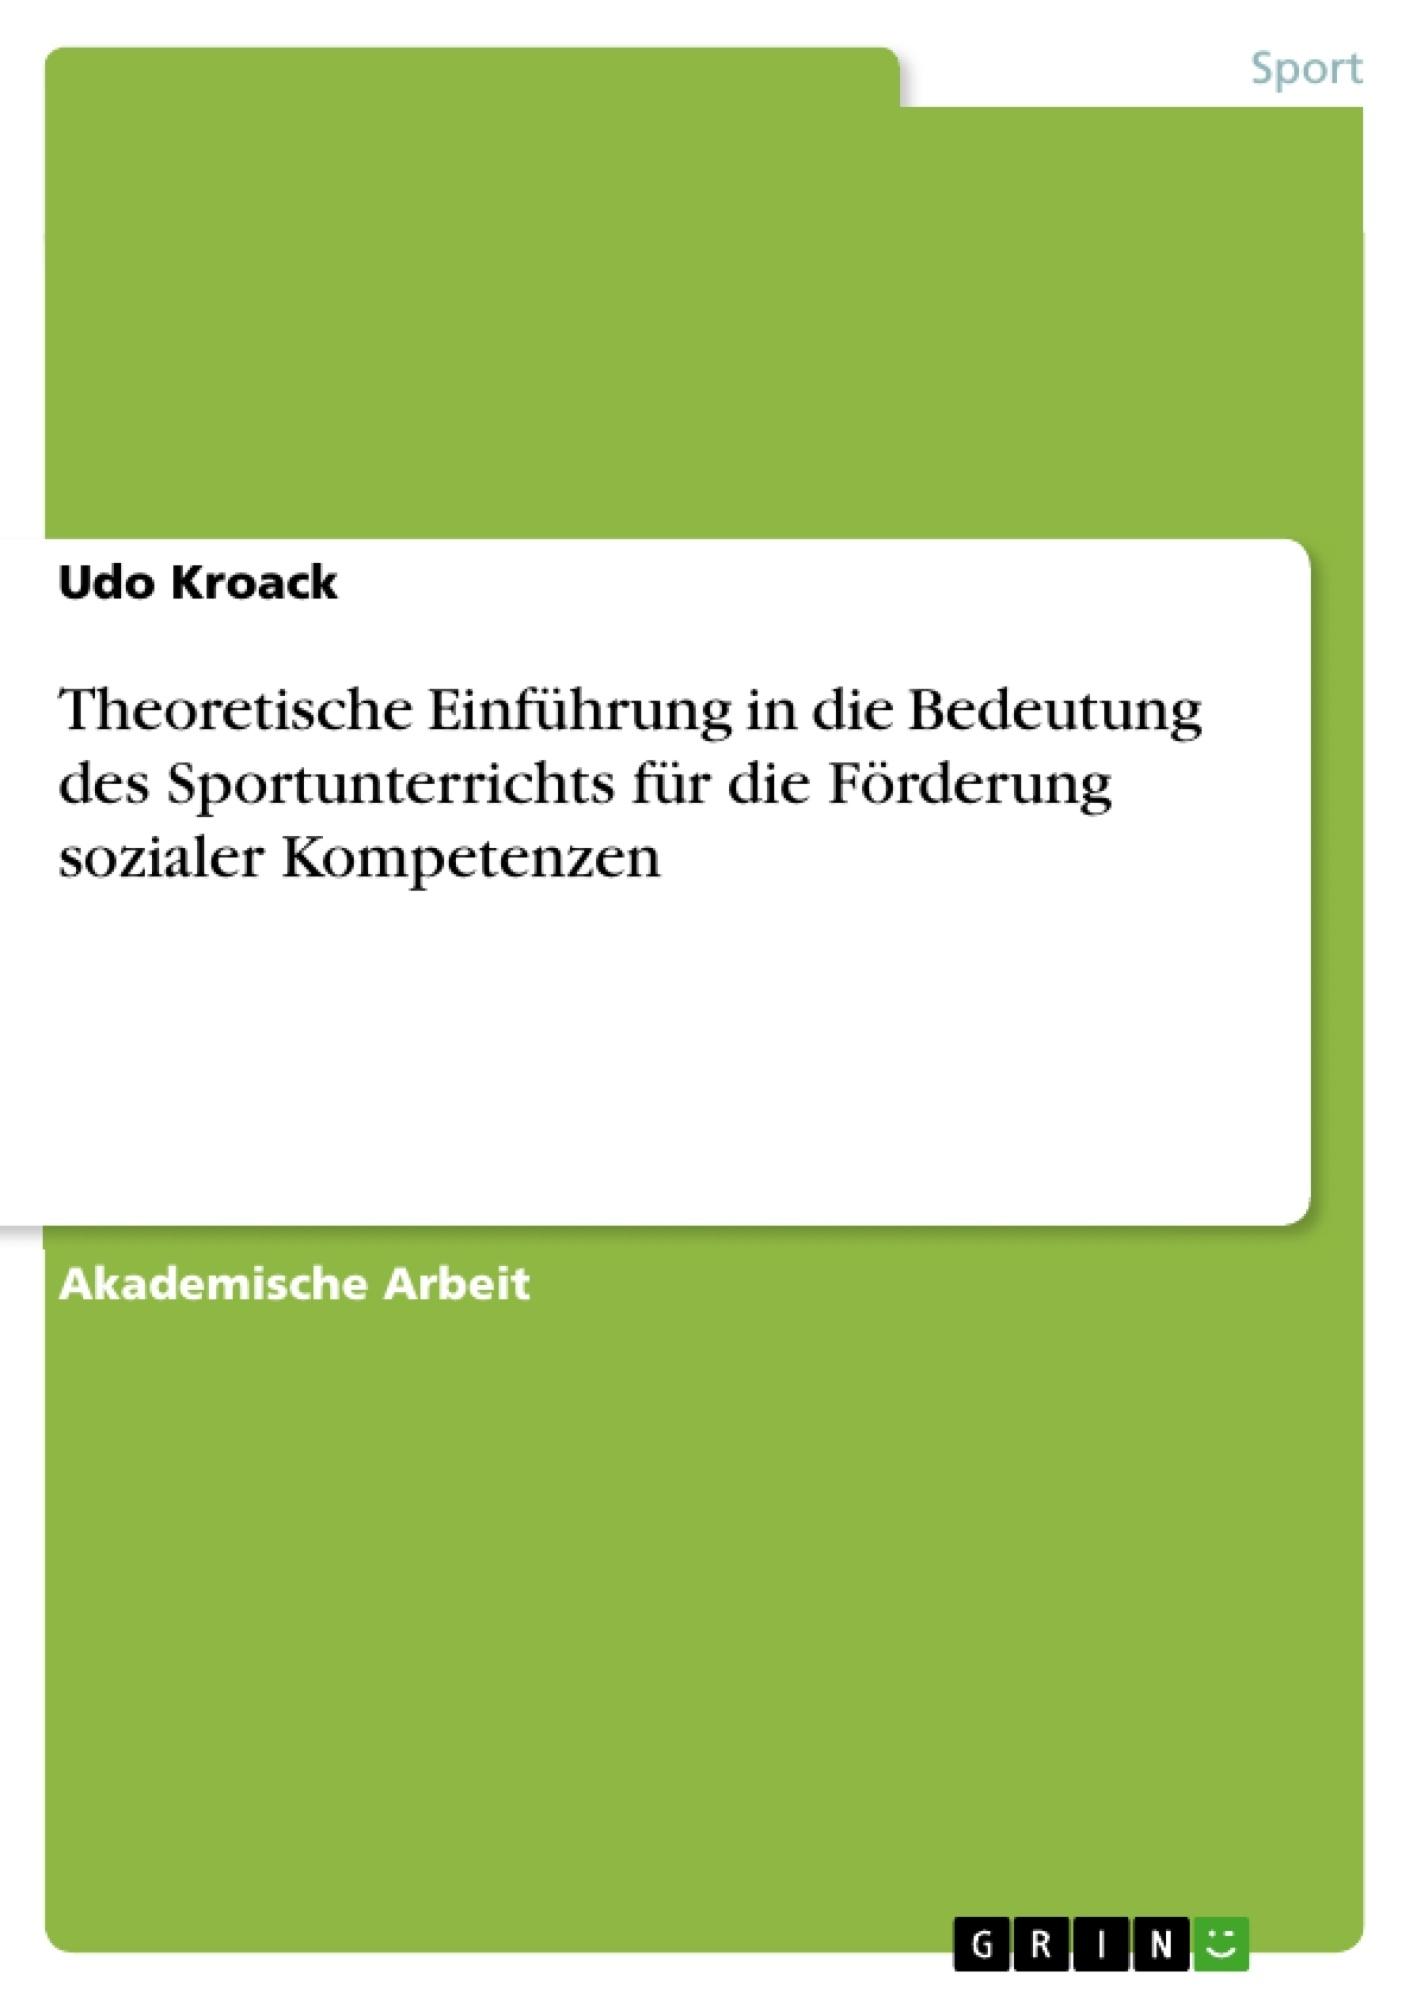 Titel: Theoretische Einführung in die Bedeutung des Sportunterrichts für die Förderung sozialer Kompetenzen